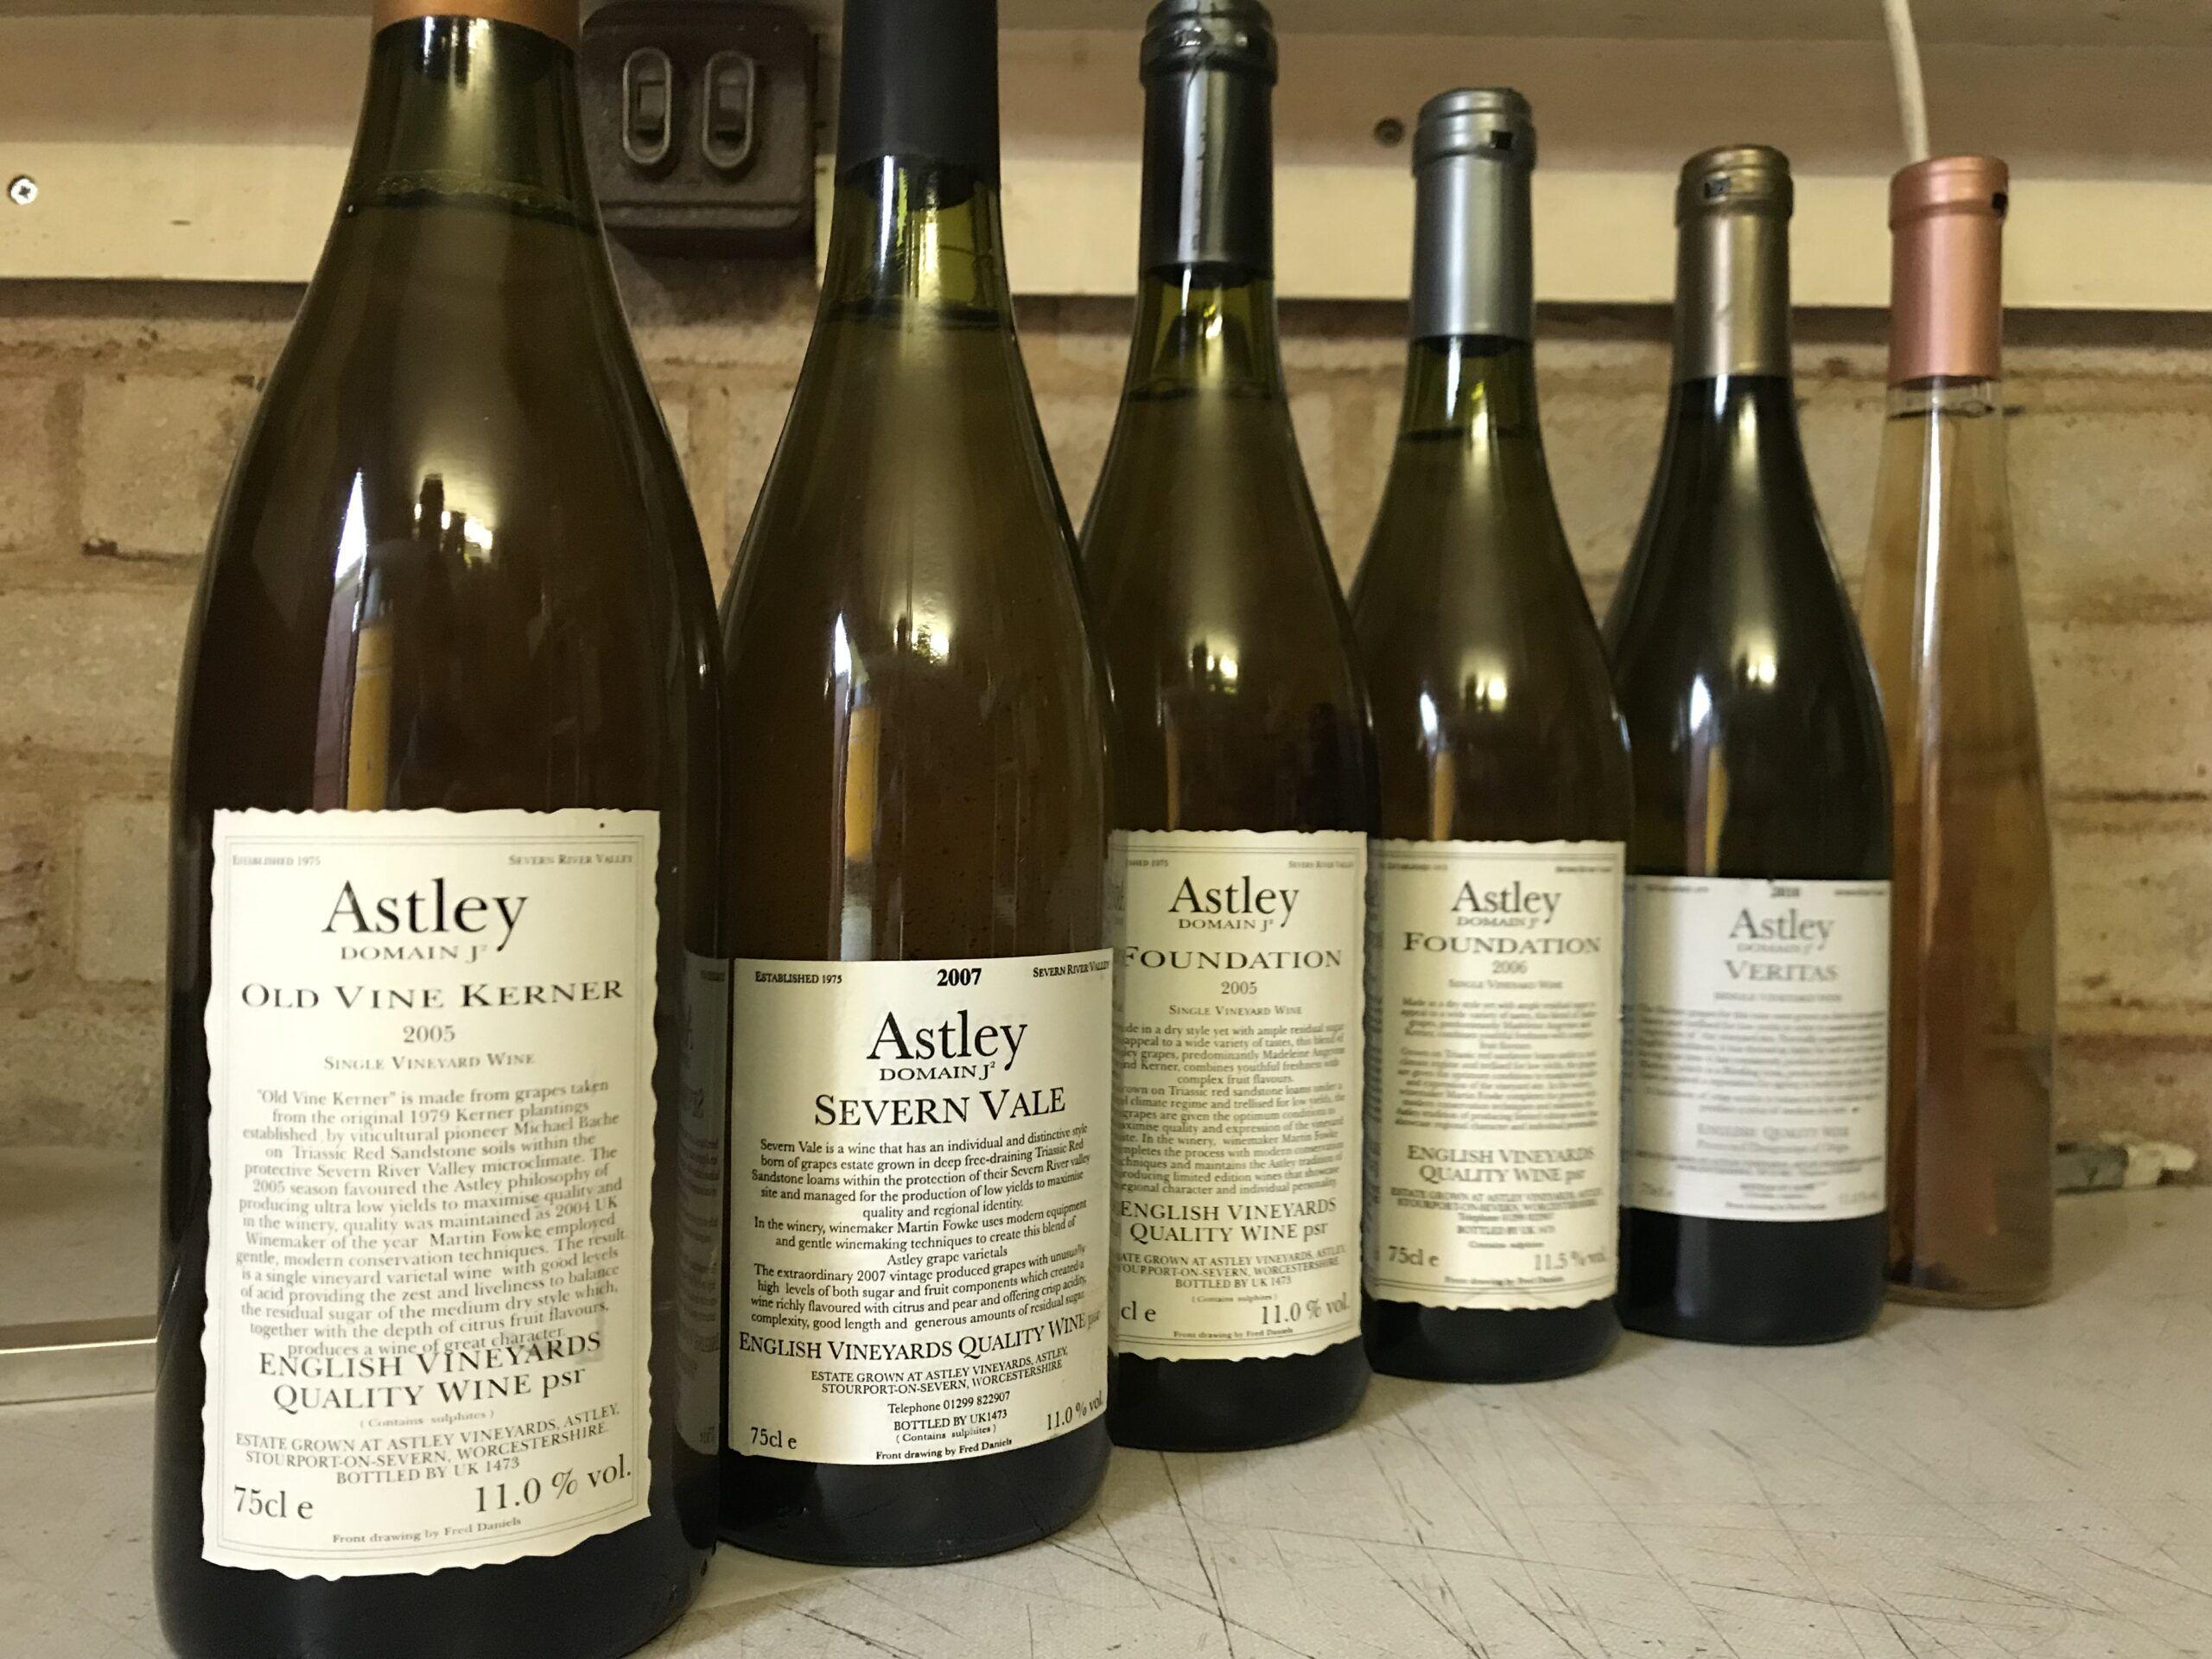 Astley Vineyard - Vintage wines